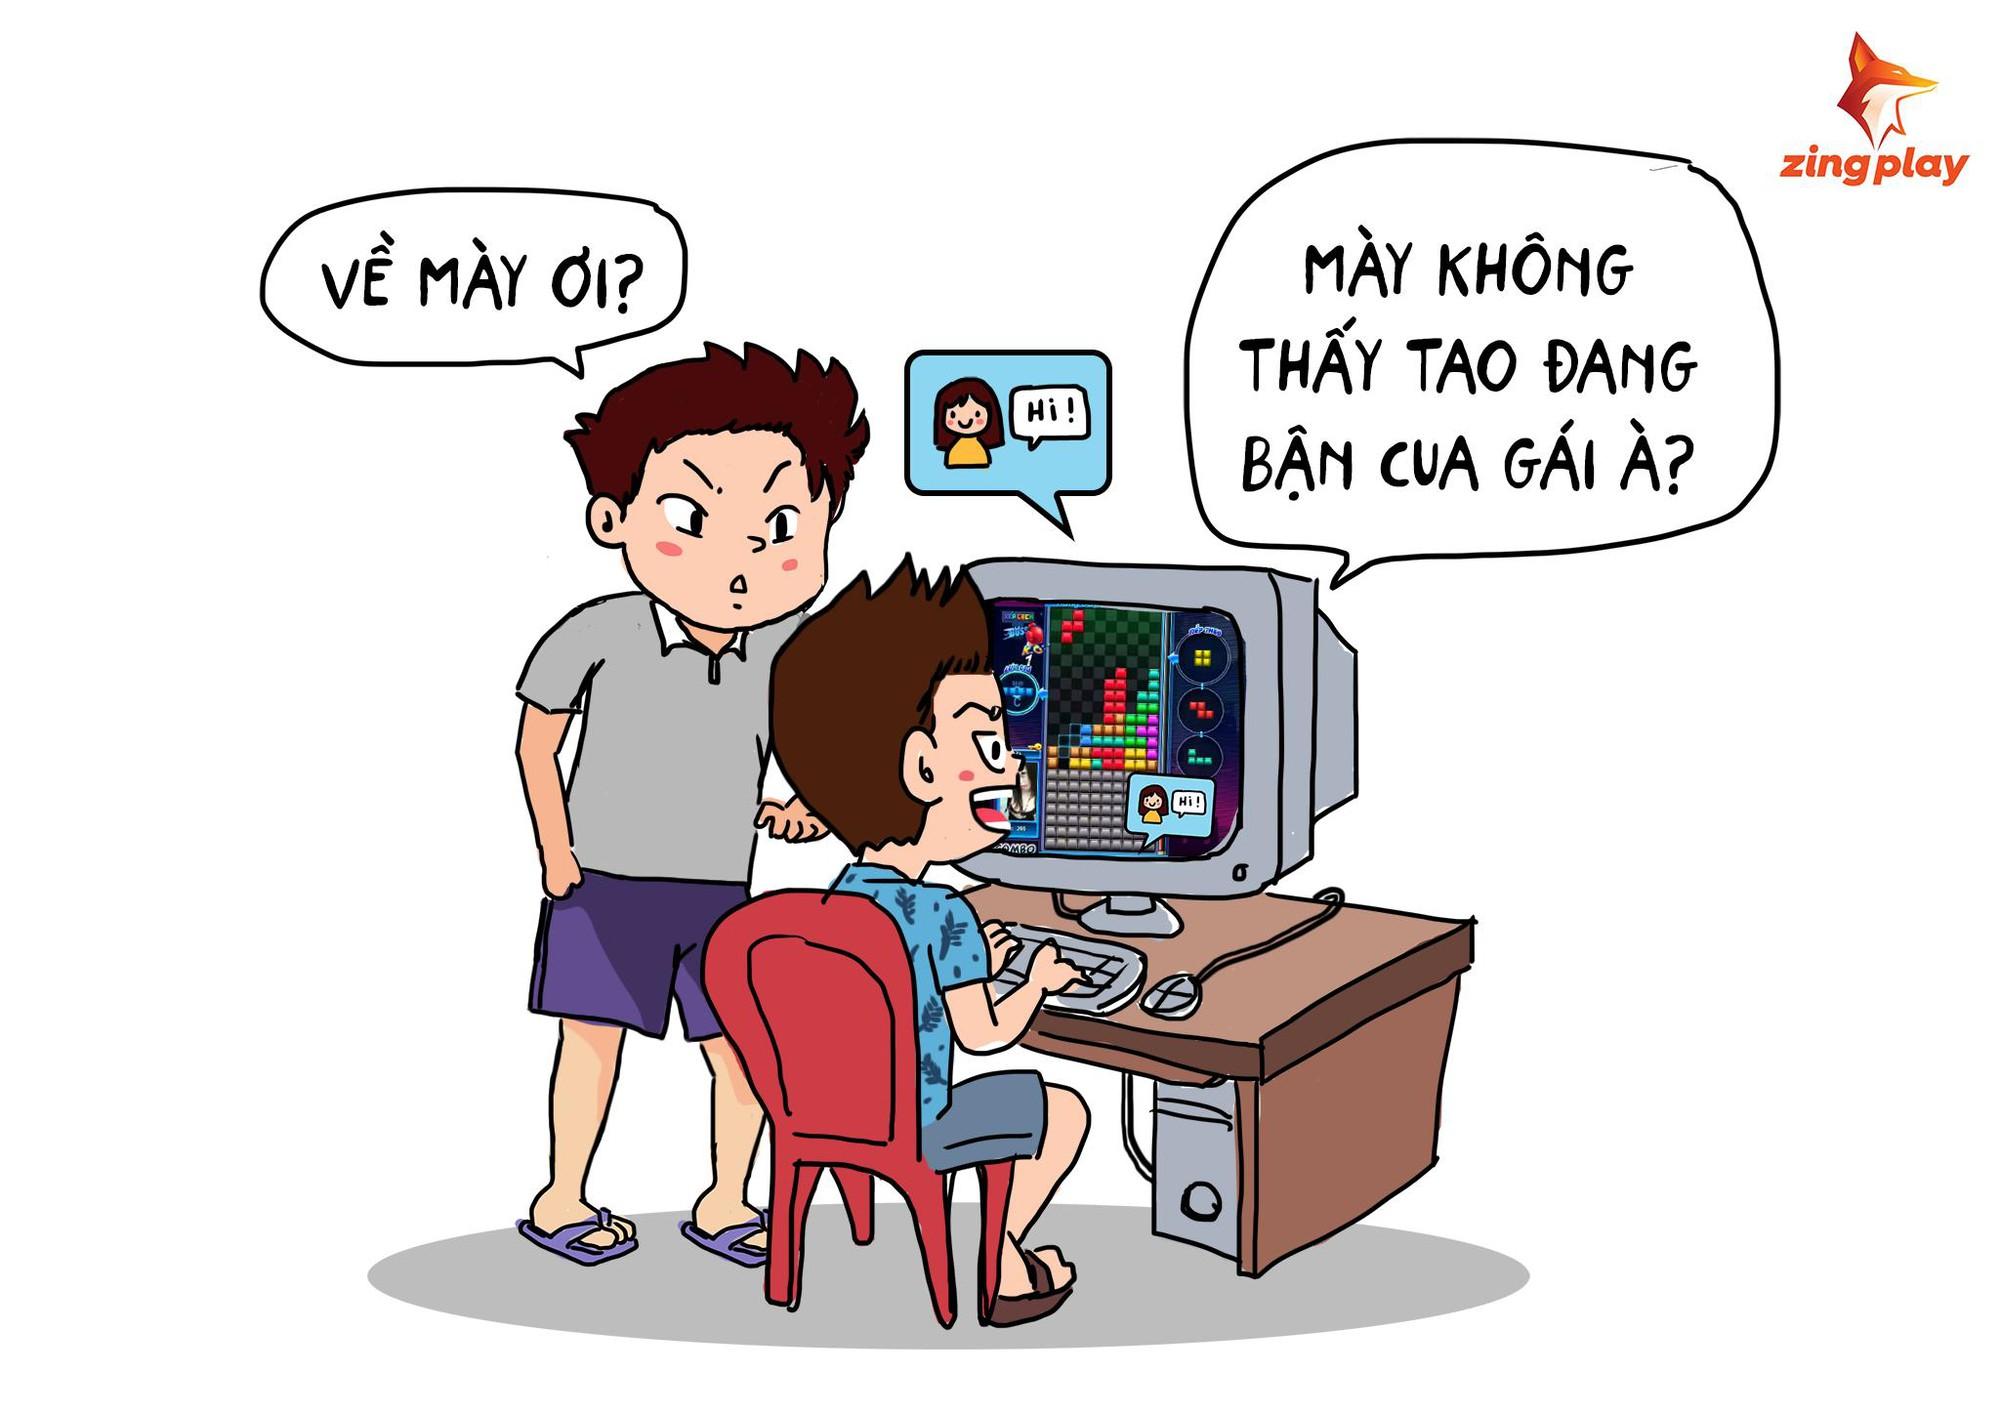 """Nhìn lại """"tuổi thơ dữ dội"""" của game thủ Việt bên cổng game giải trí ZingPlay - Ảnh 6."""